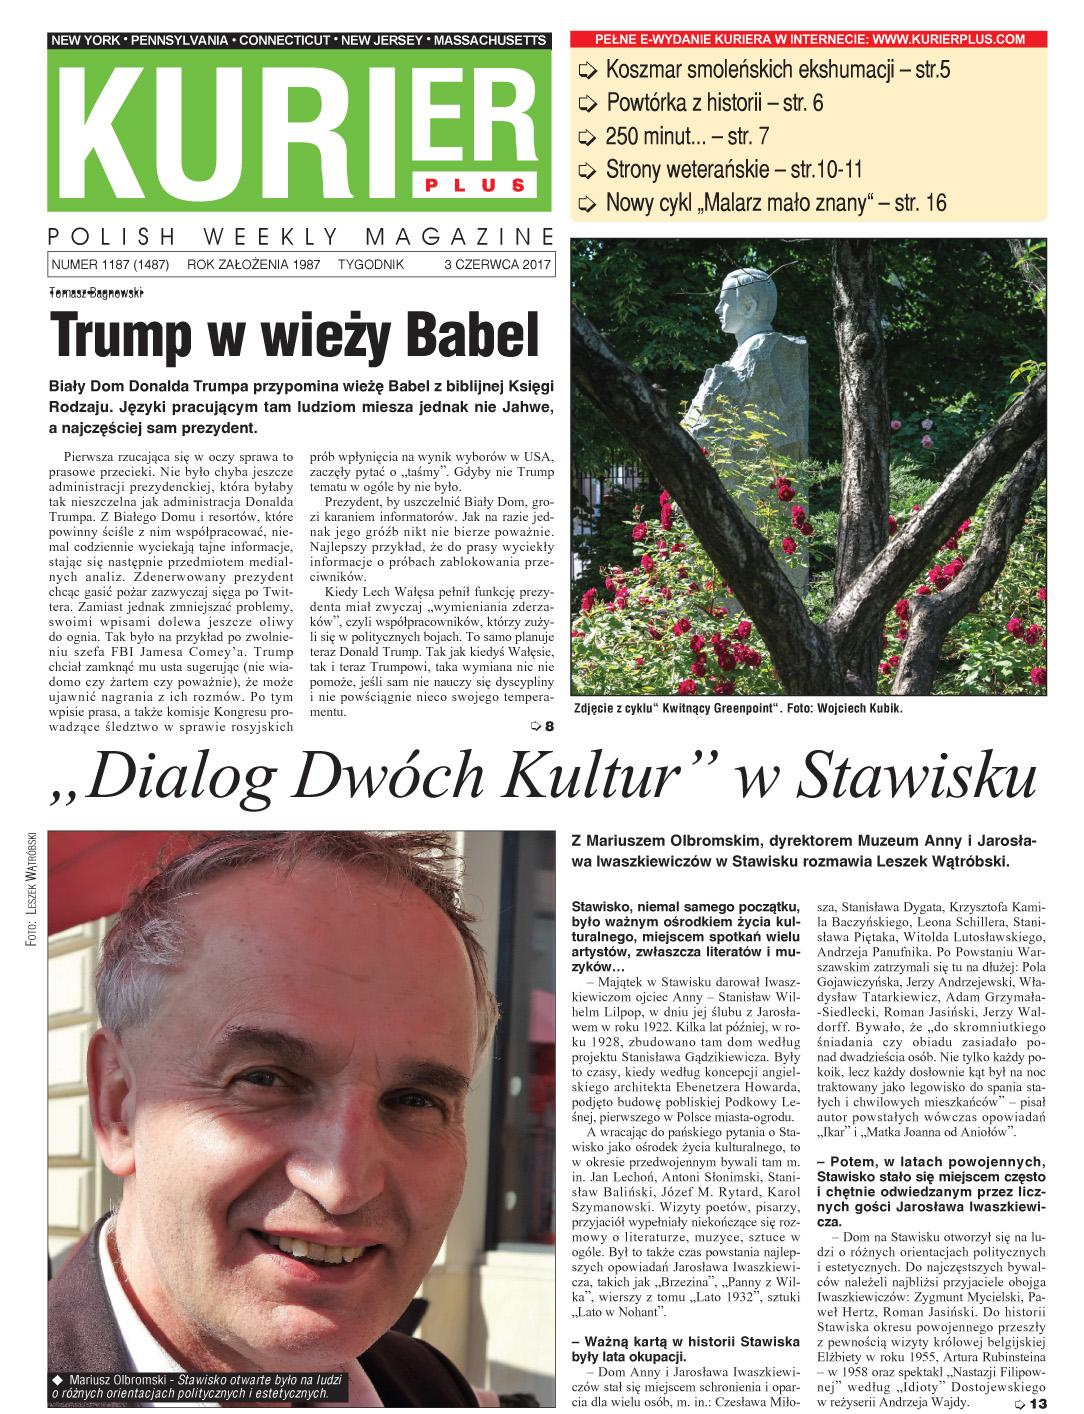 Kurier Plus - e-wydanie 30 czerwca 2017